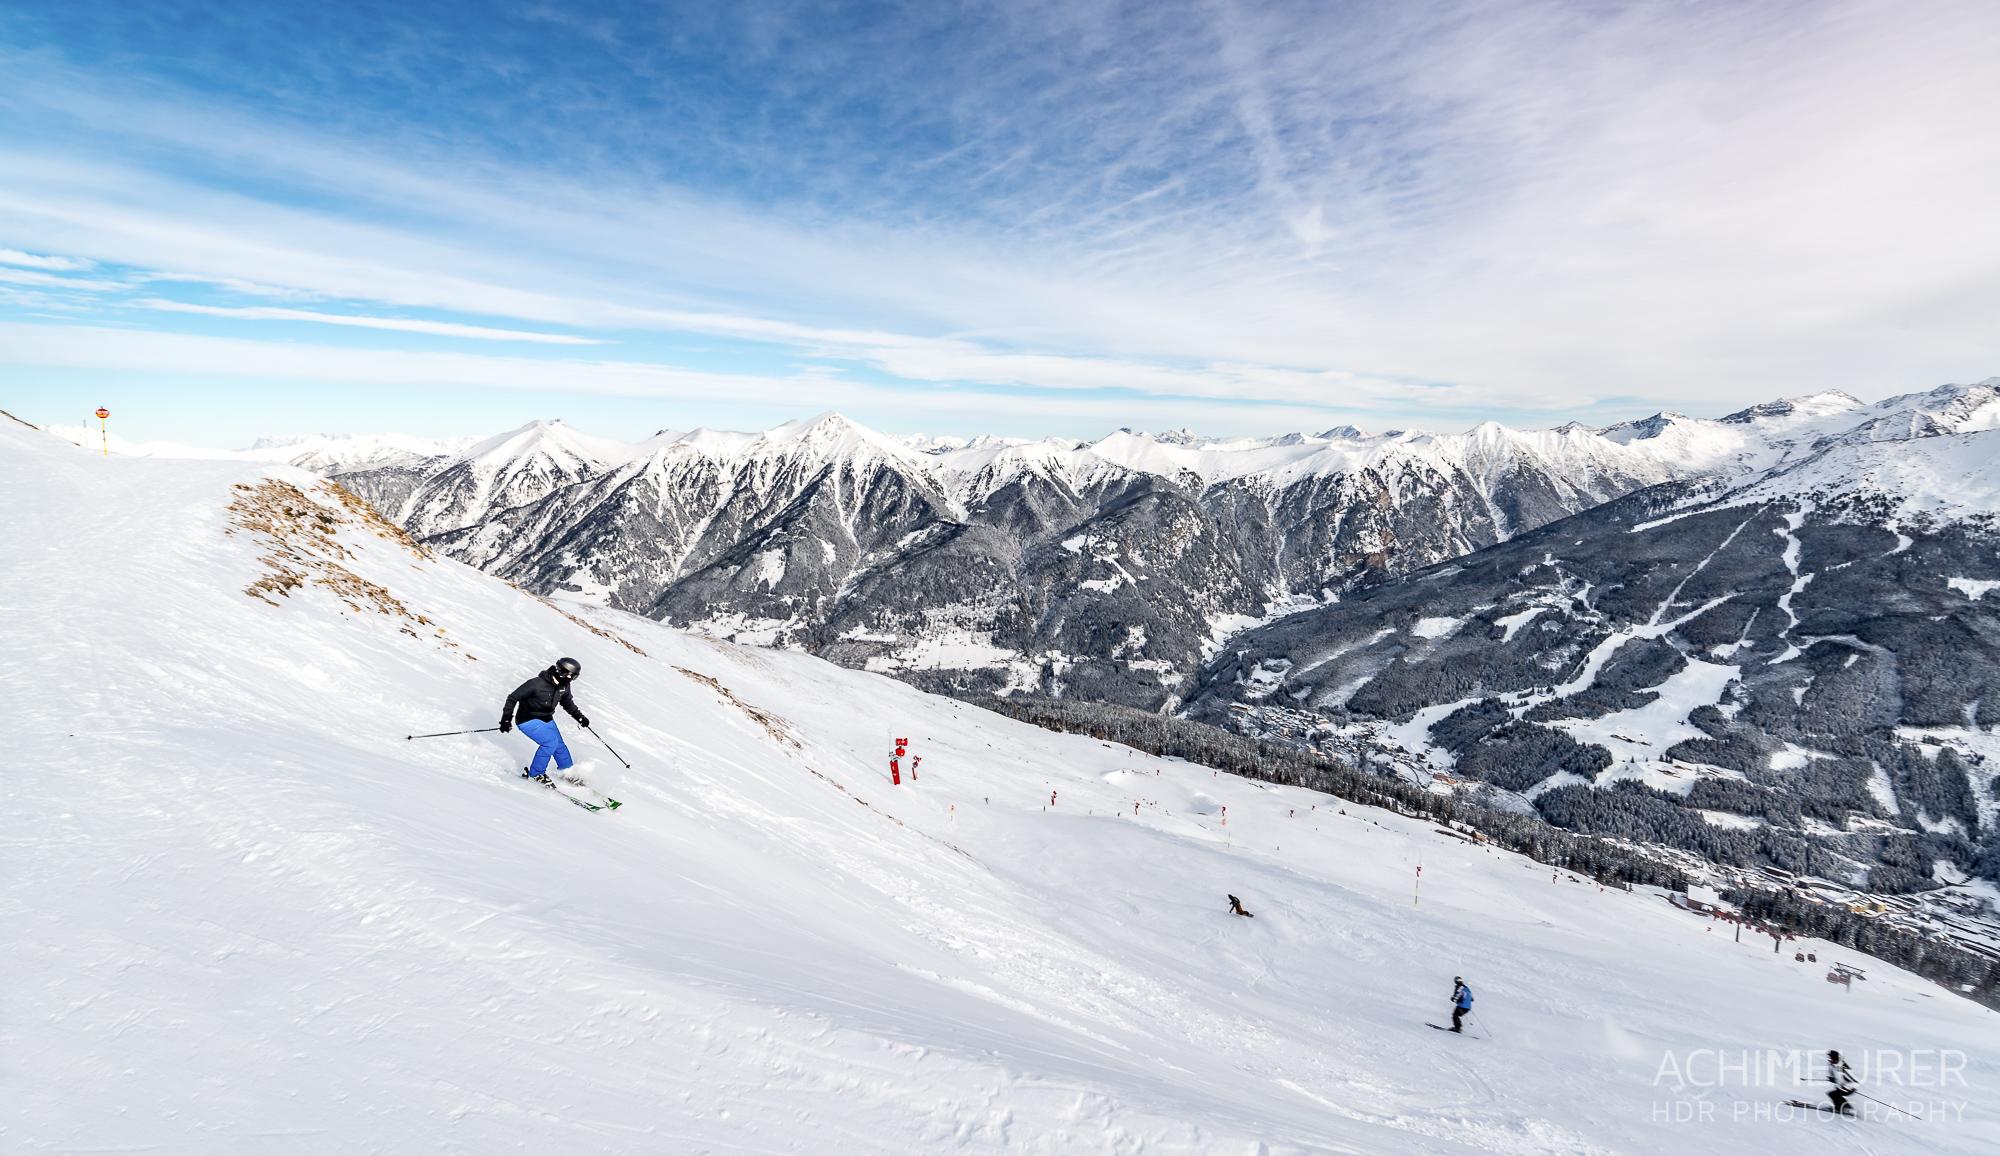 Die-schoensten-Winterfotos-Winterlandschaft-44 by Achim Meurer.